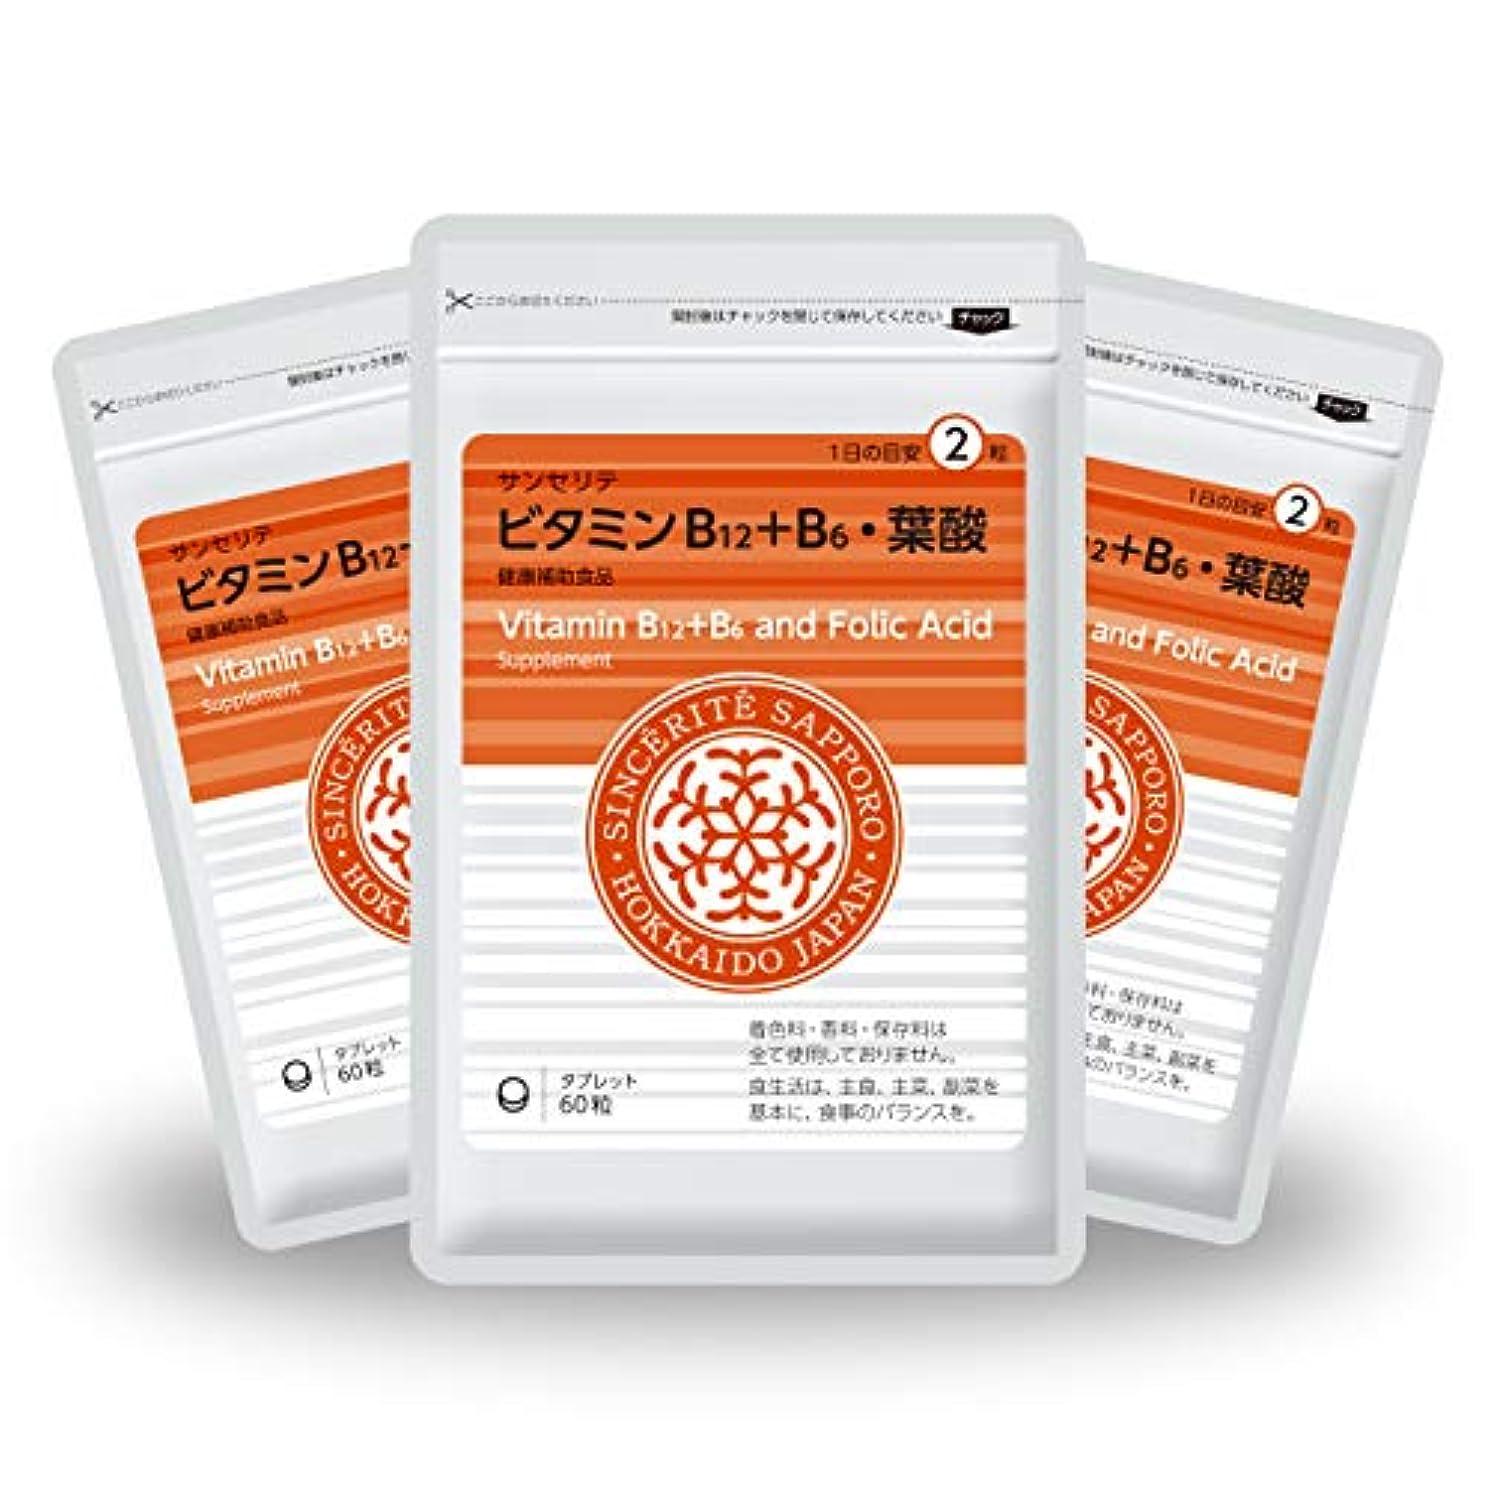 かろうじてハウジング樹皮ビタミンB12+B6?葉酸 3袋セット[送料無料][ビタミンB12]たっぷり1000μg配合 [国内製造]お得な90日分